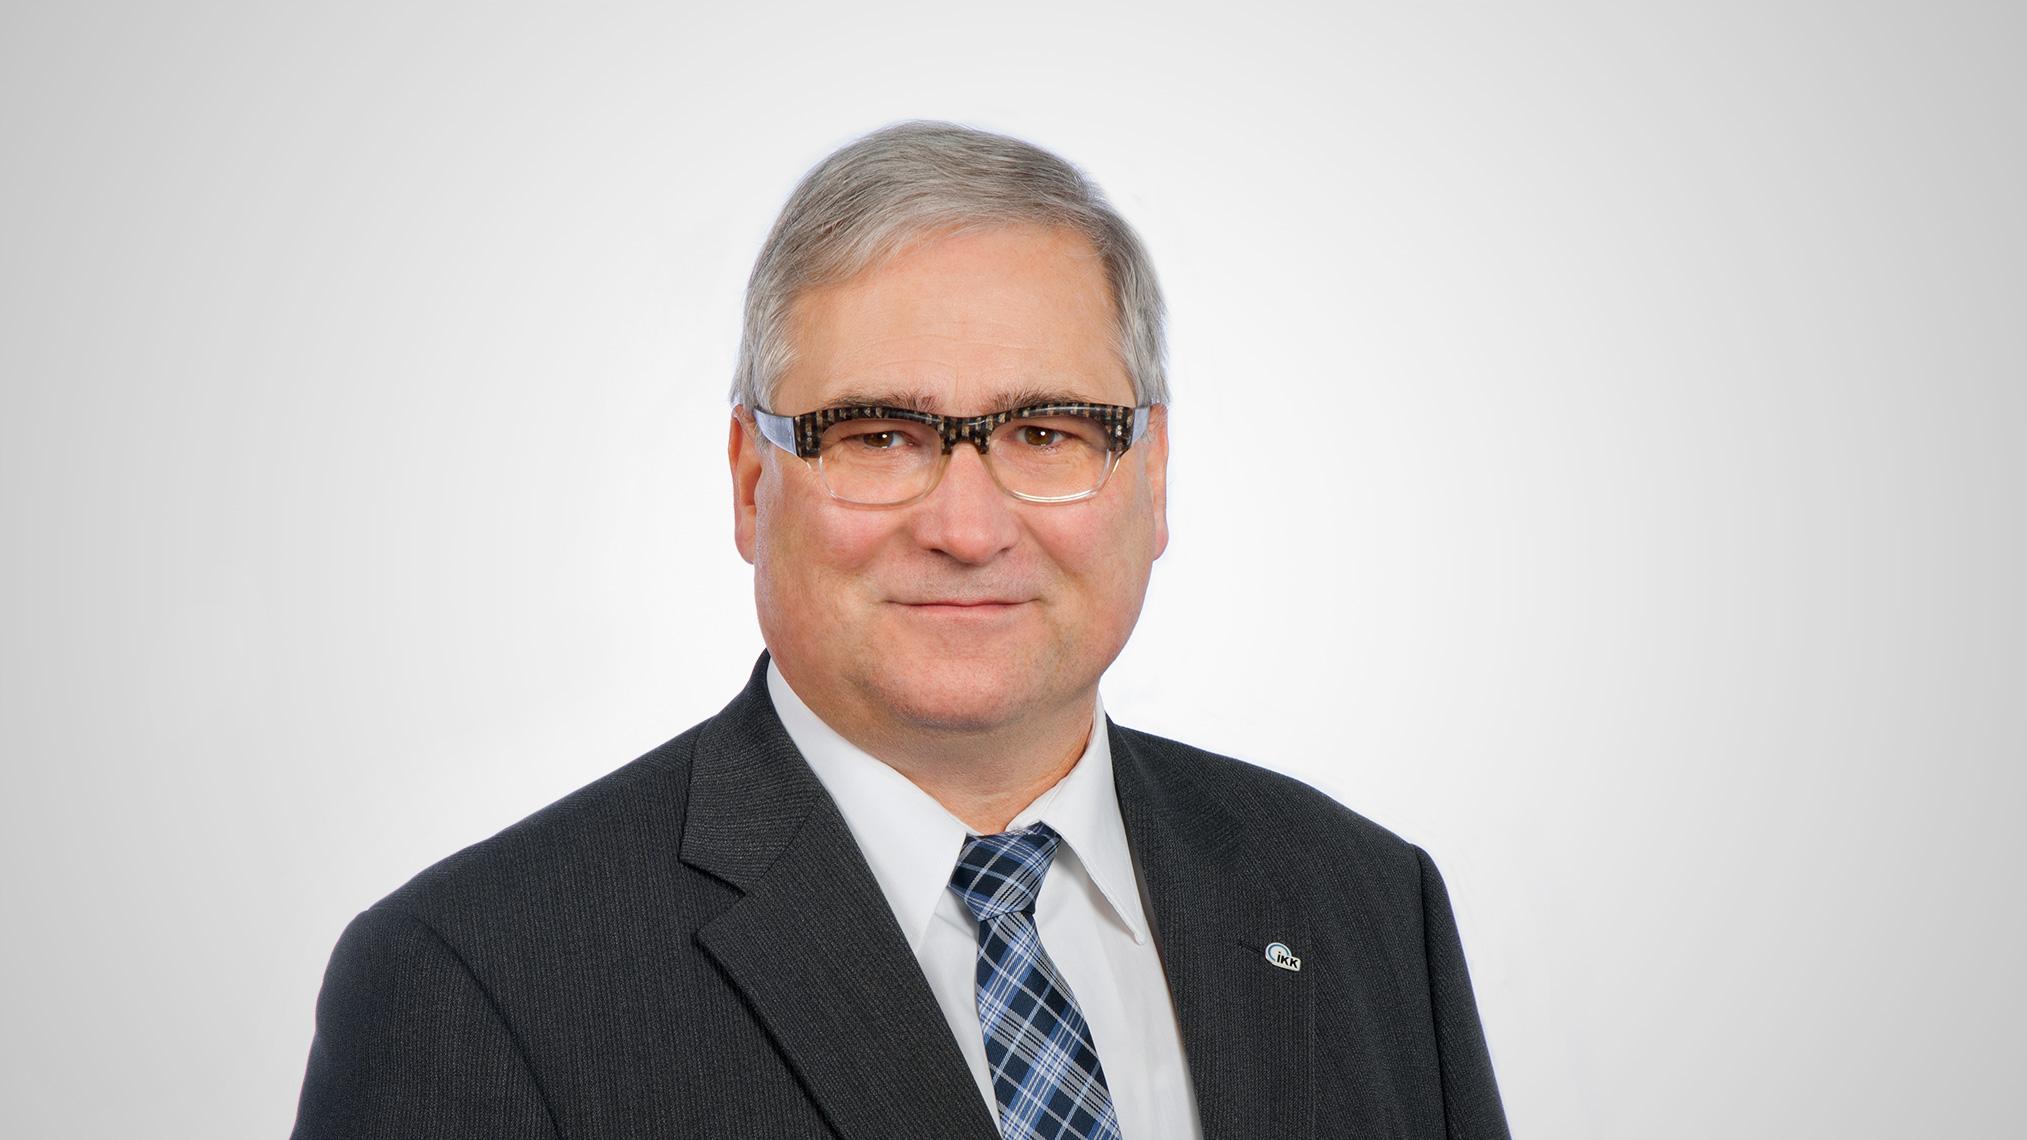 Hans-Jürgen Müller